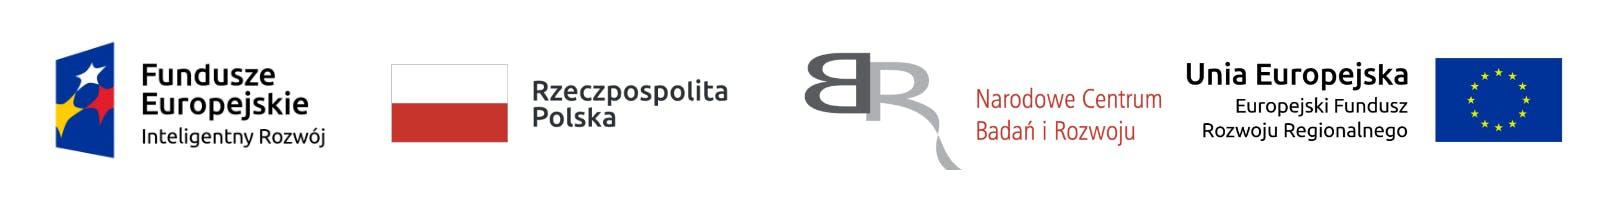 Fundusze Europejskie Inteligentny Rozwój, Rzeczpospolita Polska, Narodowe Centrum Badań i Rozwoju, Unia Europejska Europejski Fundusz Rozwoju Regionalnego logos